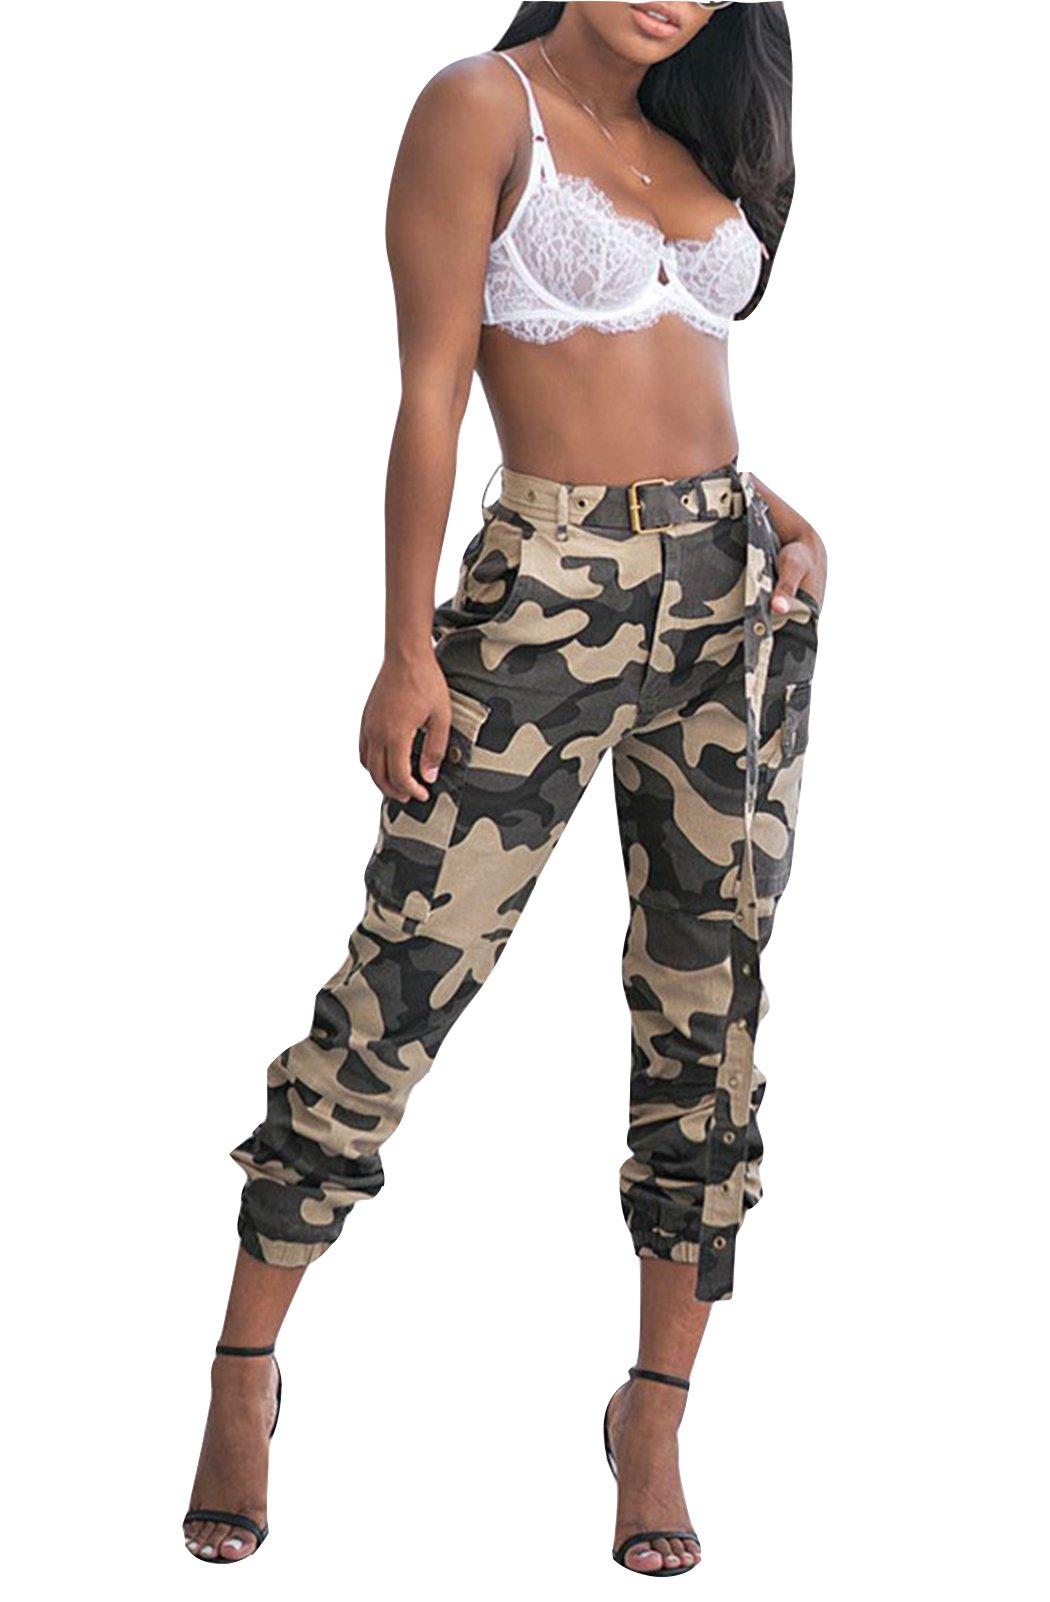 FEIYOUNG Women High Waist Camo Multi-Pockets Trouser Pants with Belt